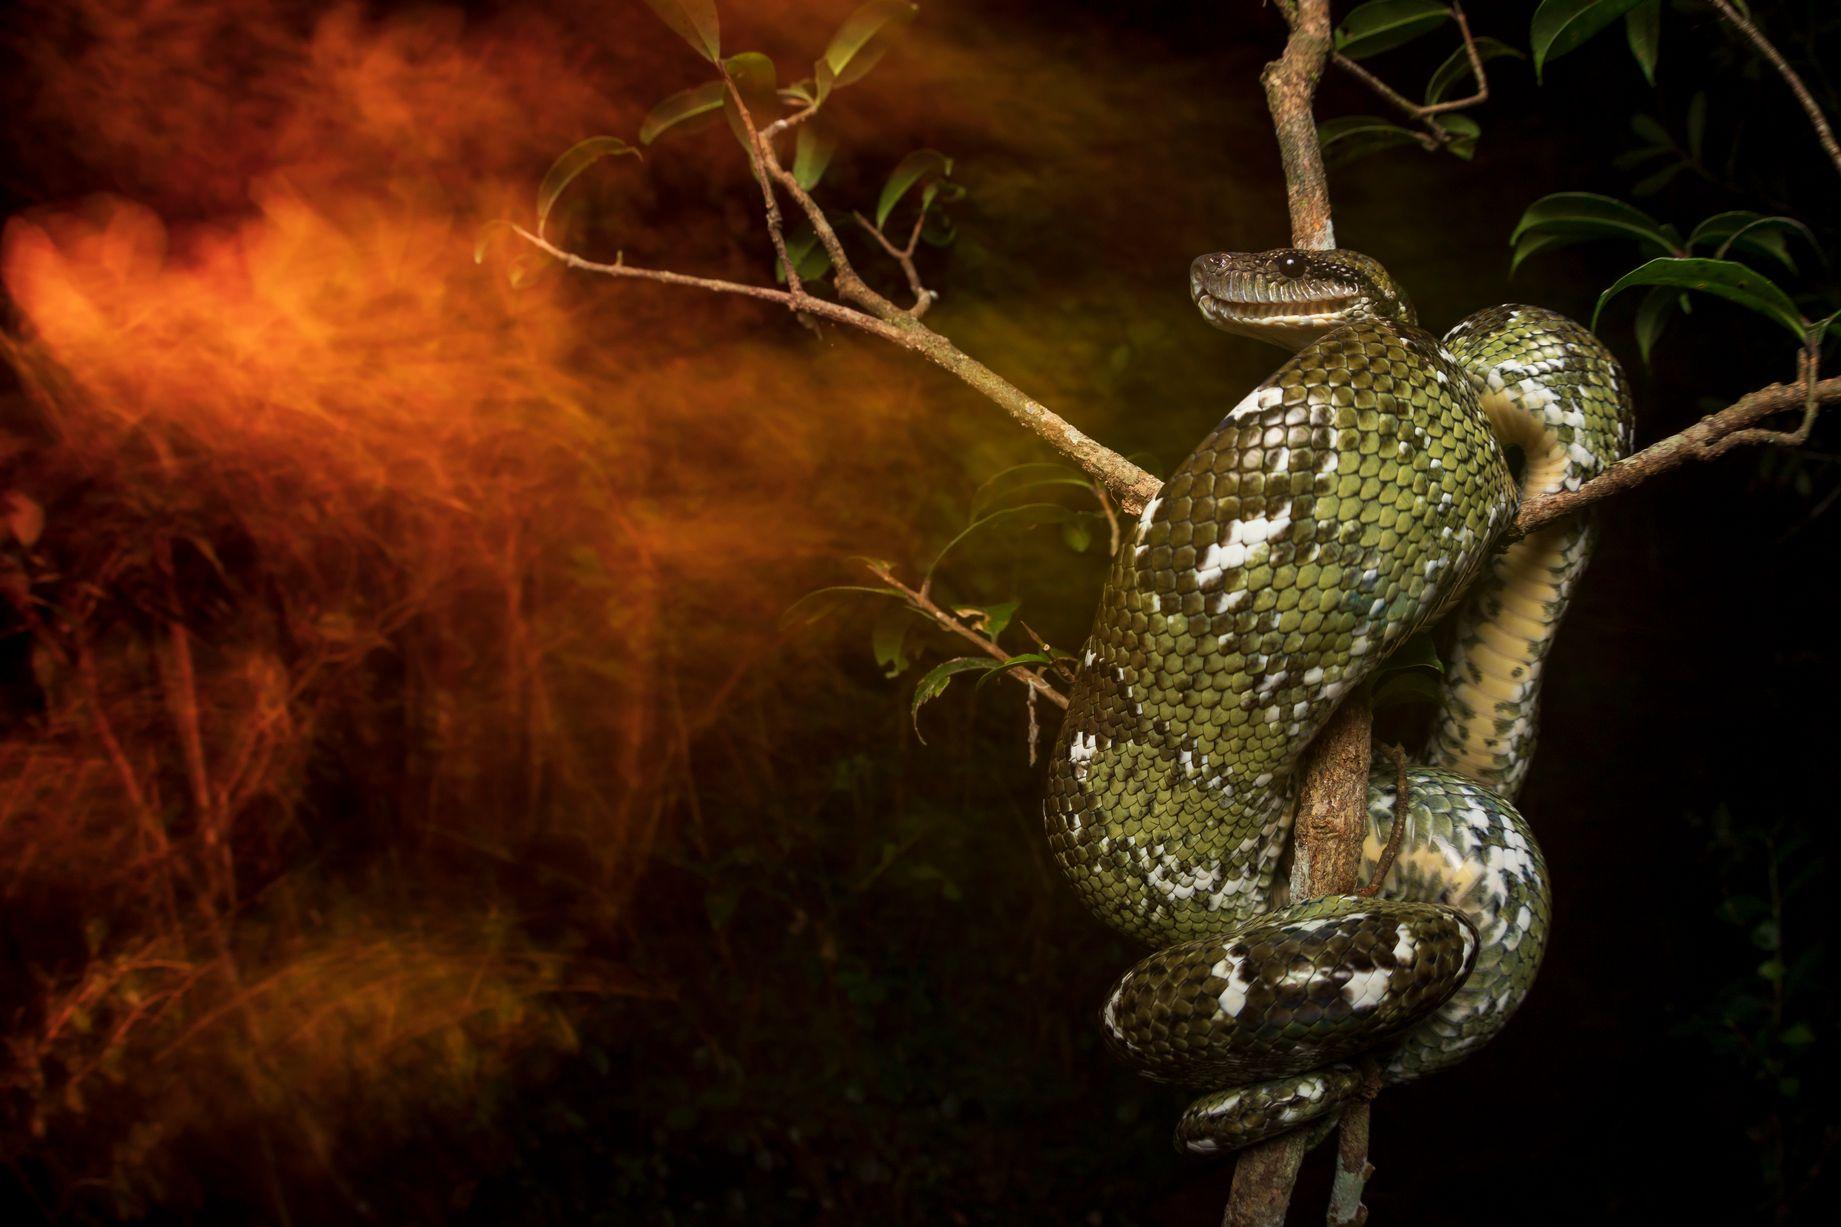 الثعبان الملتف على الشجرة